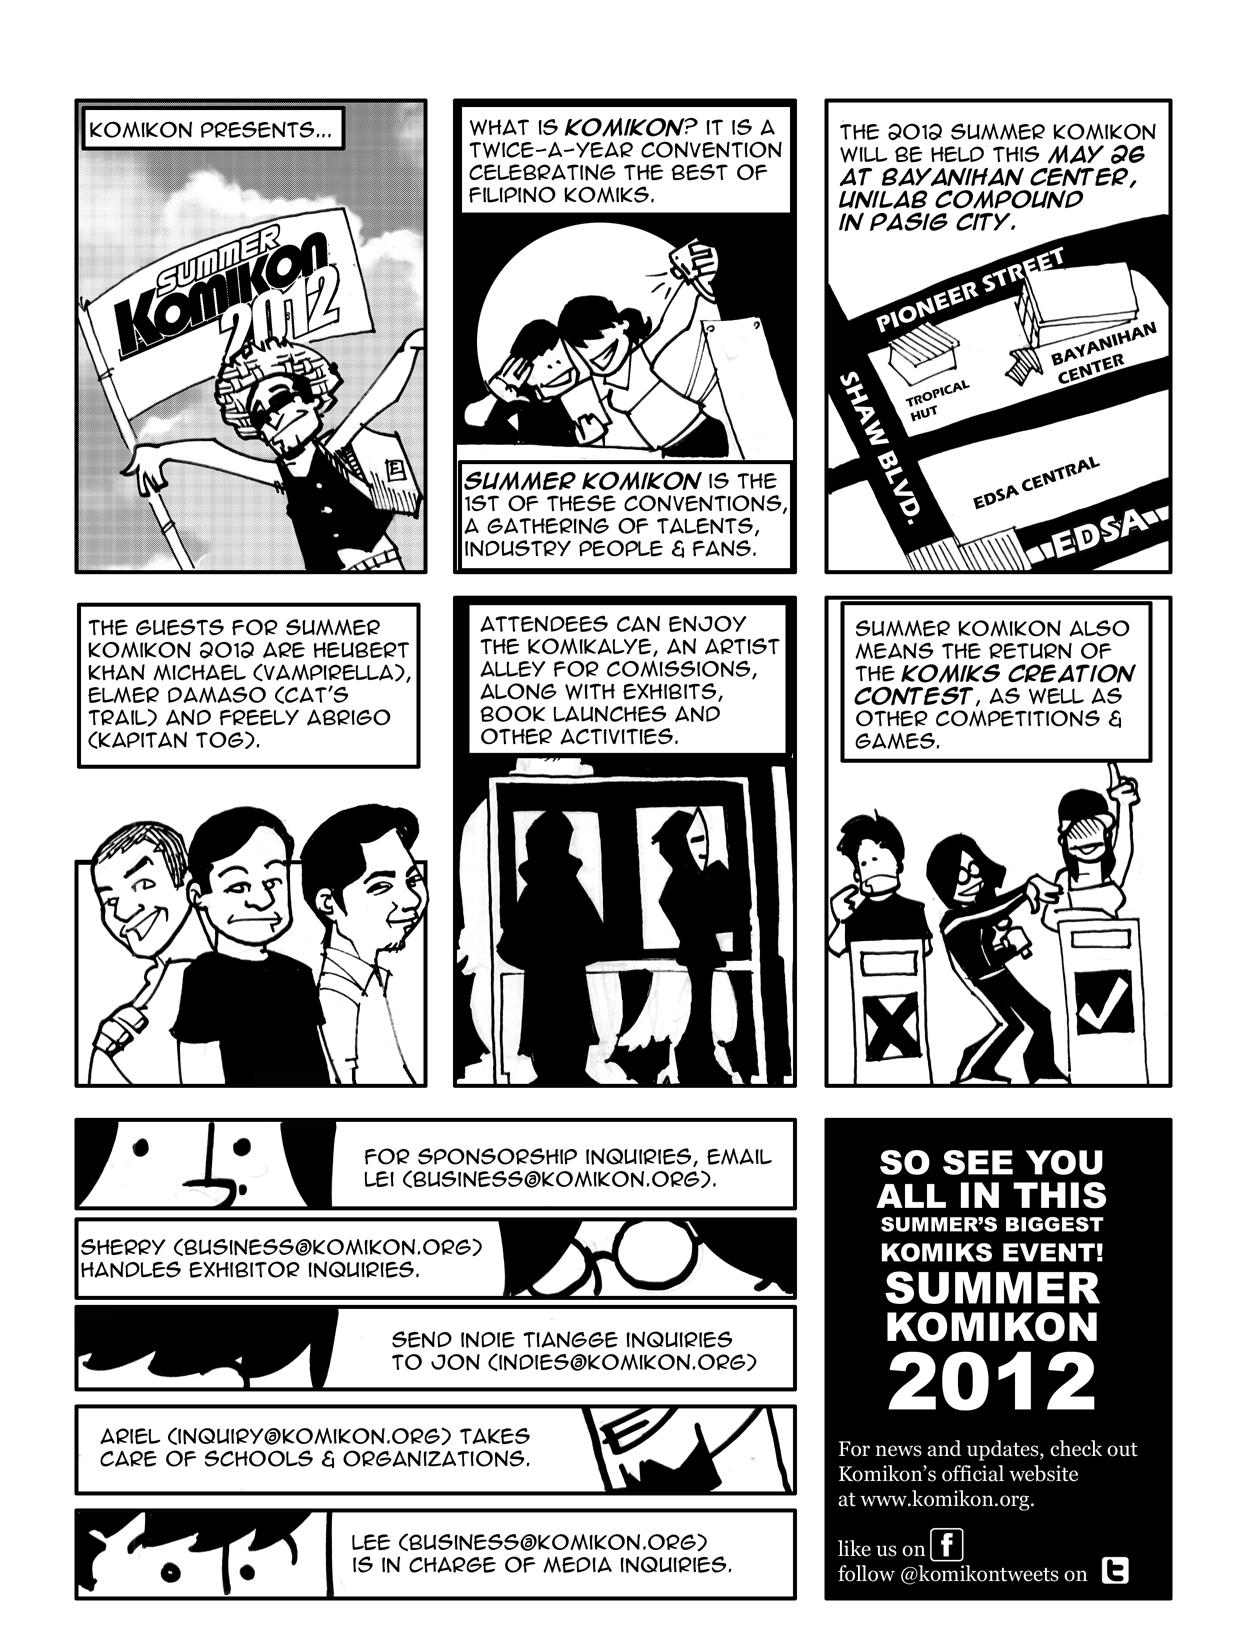 Summer Komikon 2012 Sponsorship